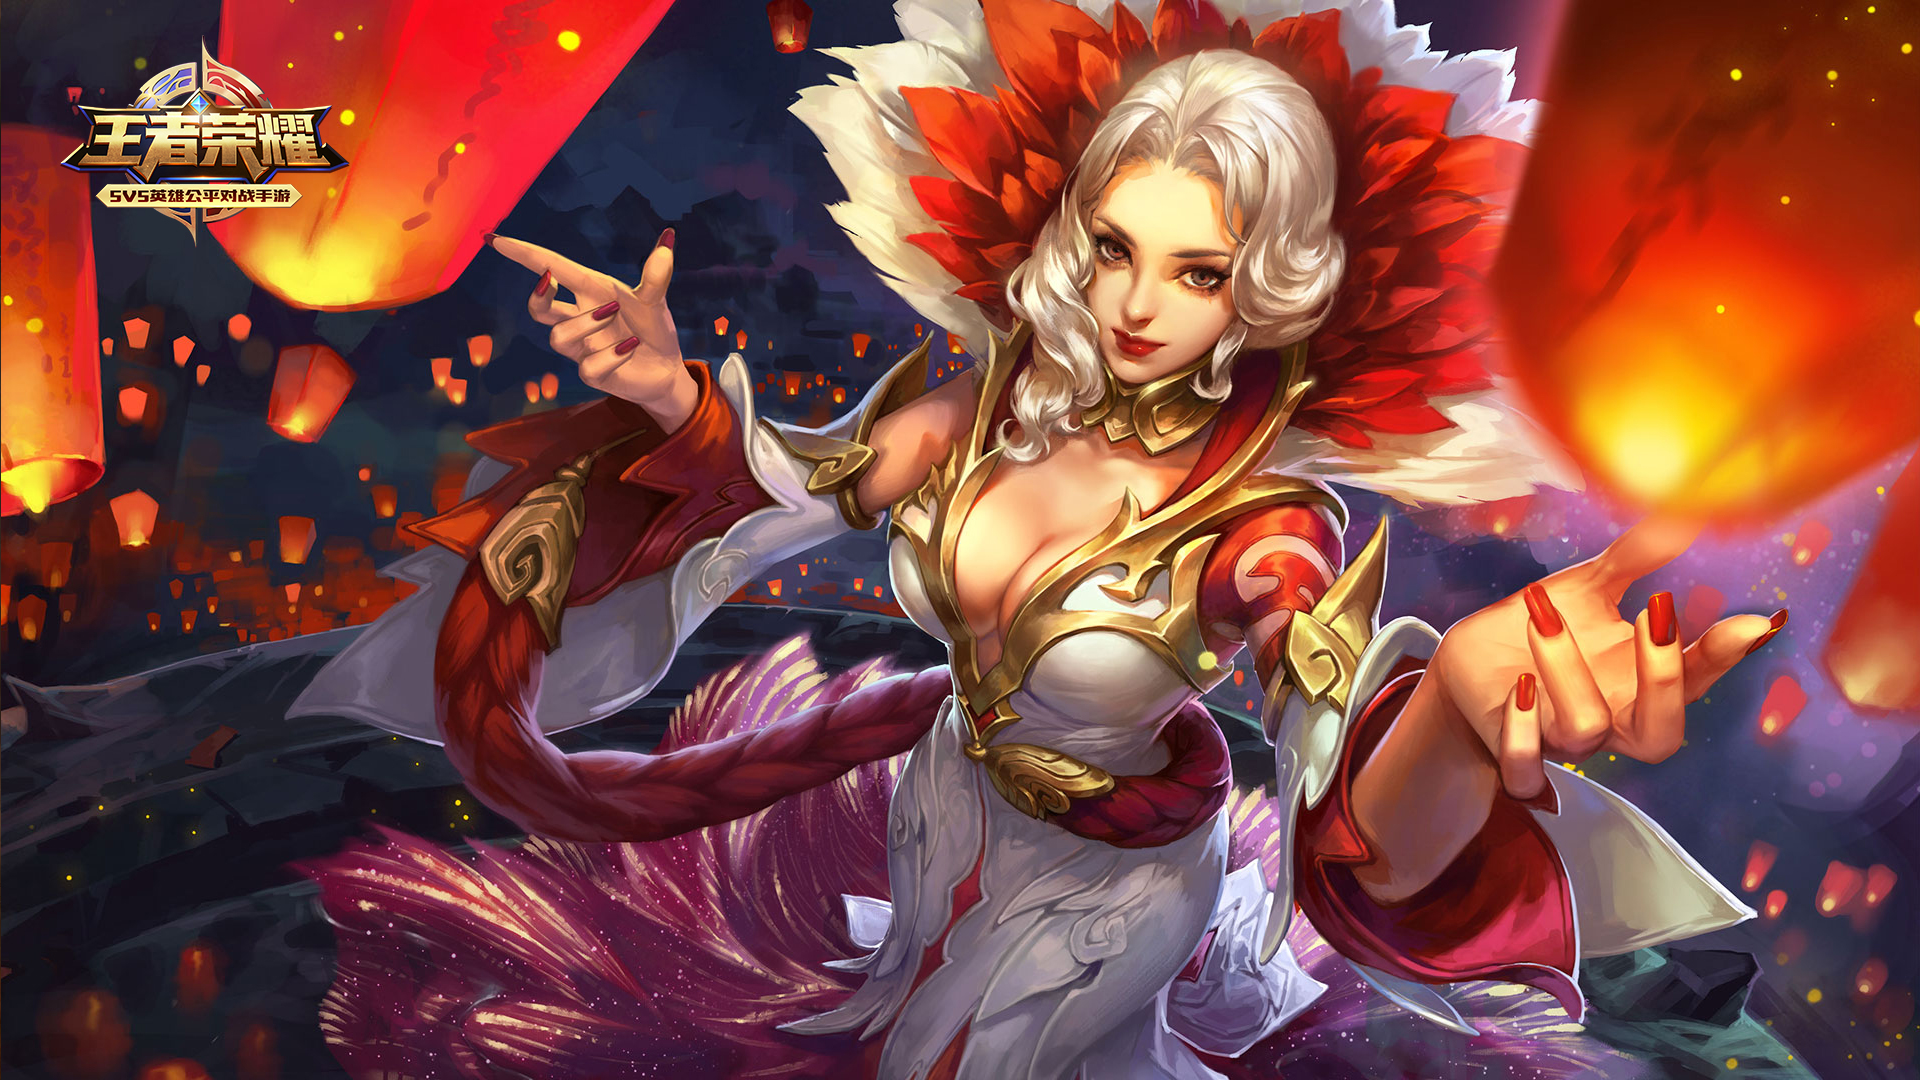 第1弹《王者荣耀英雄皮肤CG》竞技游戏112